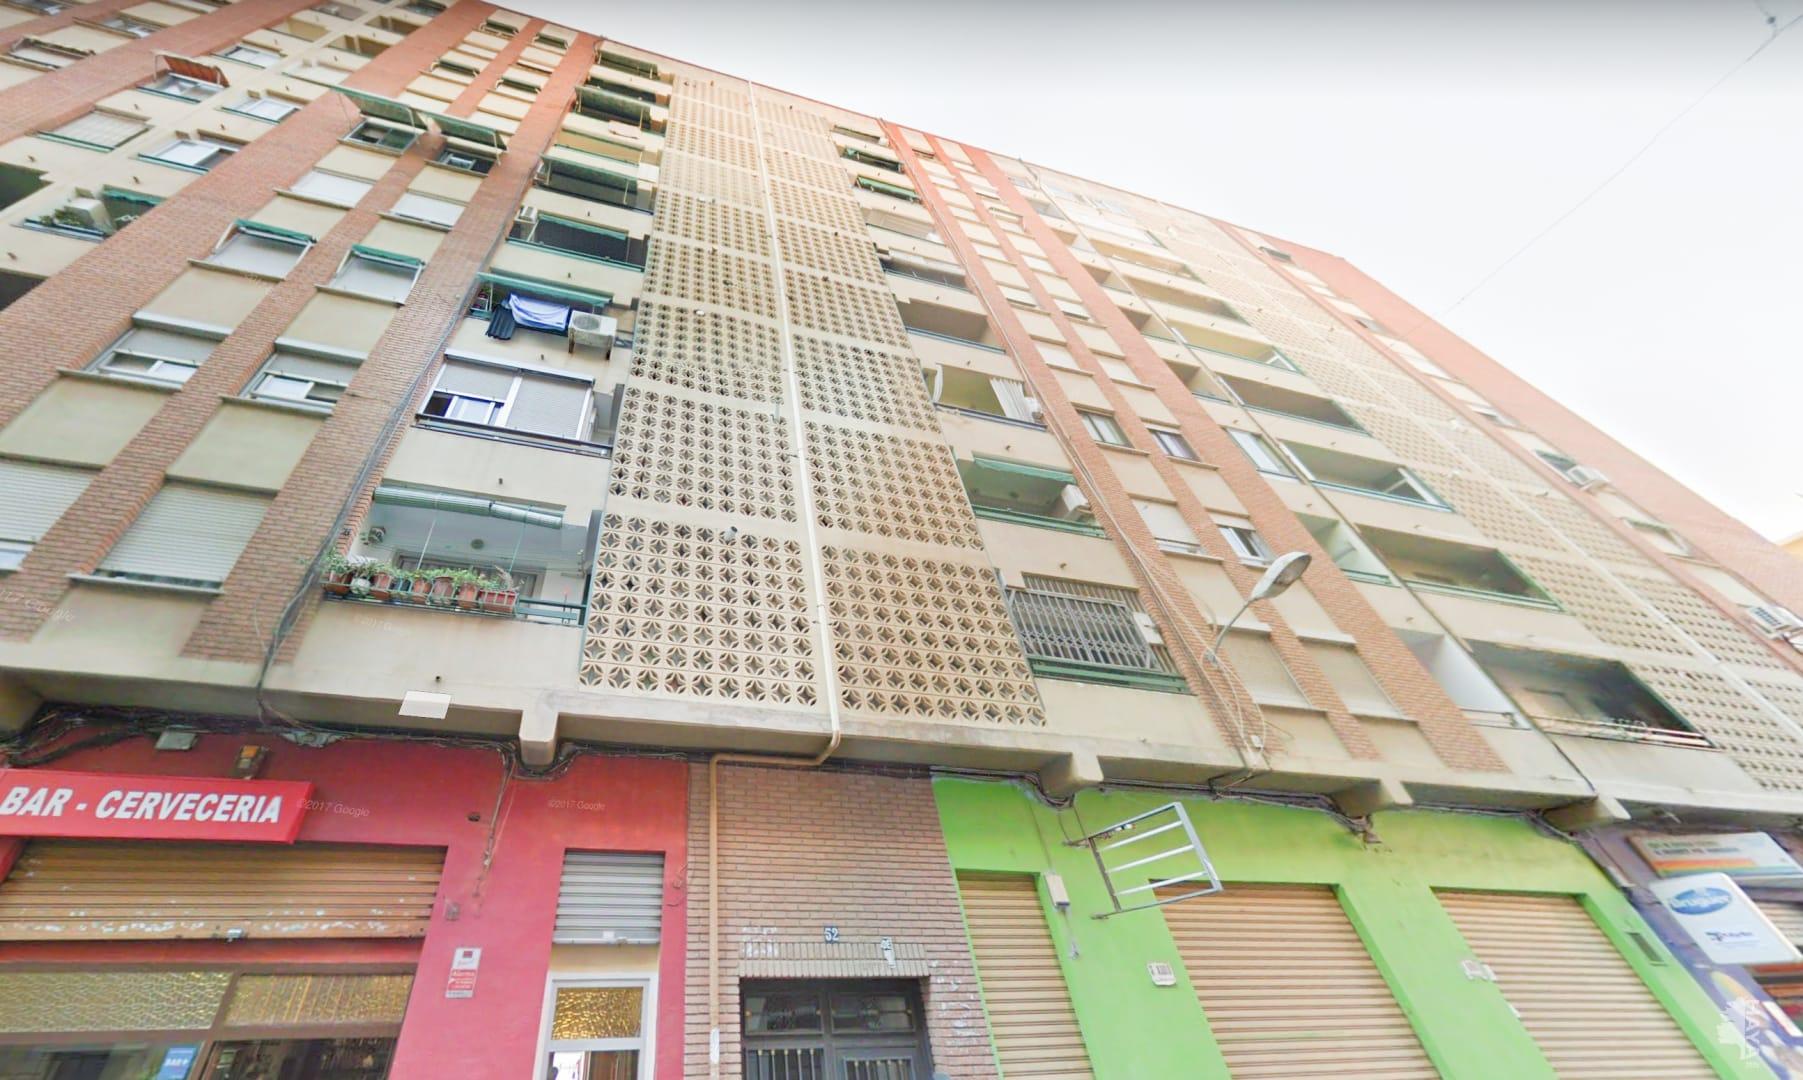 Piso en venta en Rascanya, Valencia, Valencia, Calle Arquitecto Rodriguez, 61.400 €, 4 habitaciones, 1 baño, 99 m2